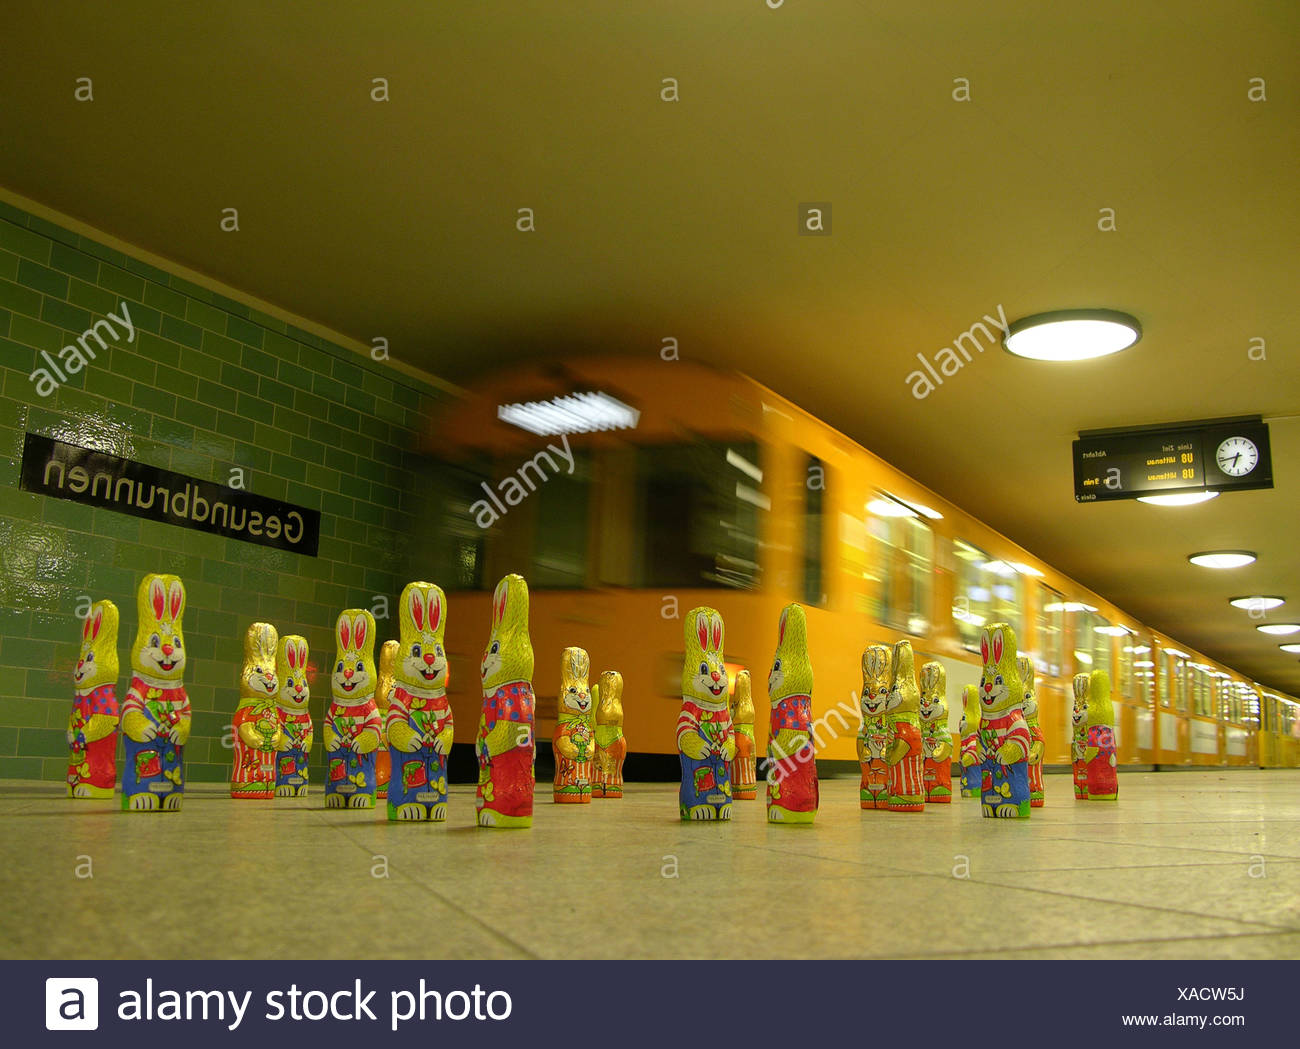 Eine Gruppe von Osterhasen aus Schokolade stehen auf einer u-Bahn-Plattform vor einer ankommenden u-Bahn U Gesundbrunnen Stockbild